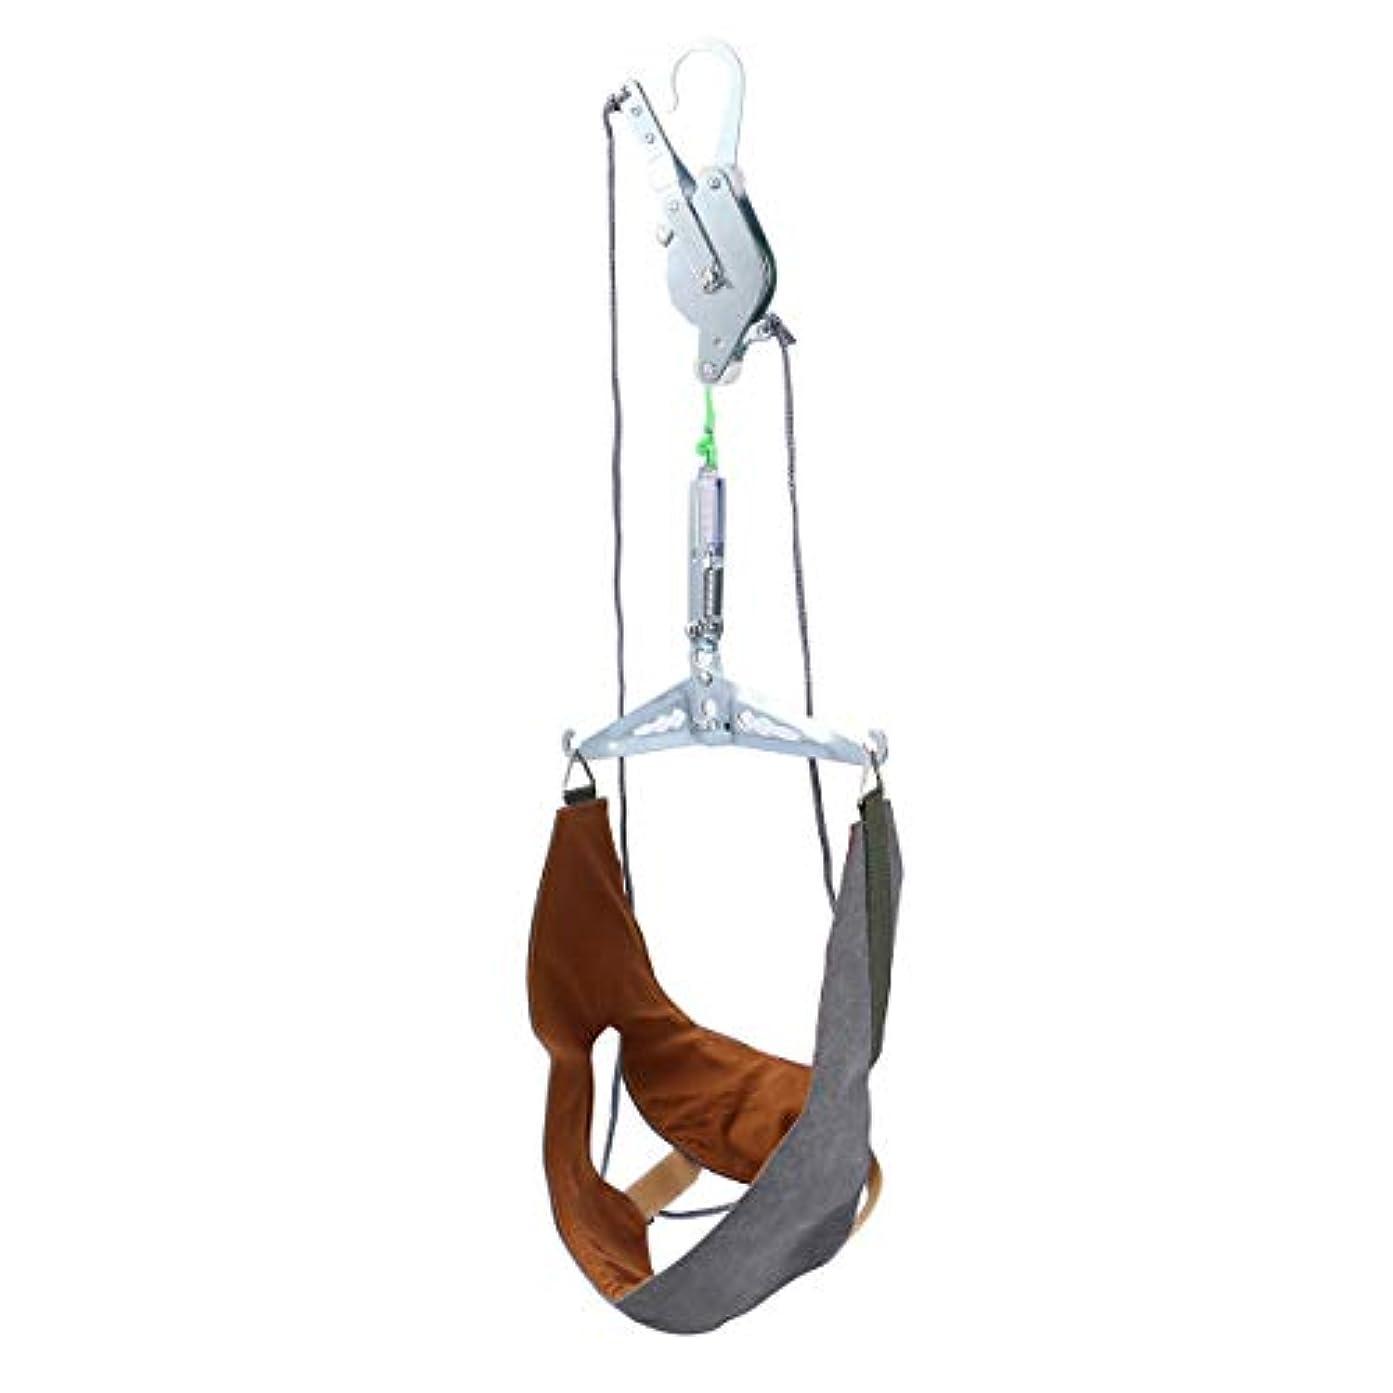 契約コート百Healifty 家庭用 頚椎 牽引 頭痛 ストレッチ 吊り下げ式 首頸部 マッサージ 牽引装置 ネックサポート 頚椎首ガード保護スリーブ ネックホルダー(ランダムカラー)